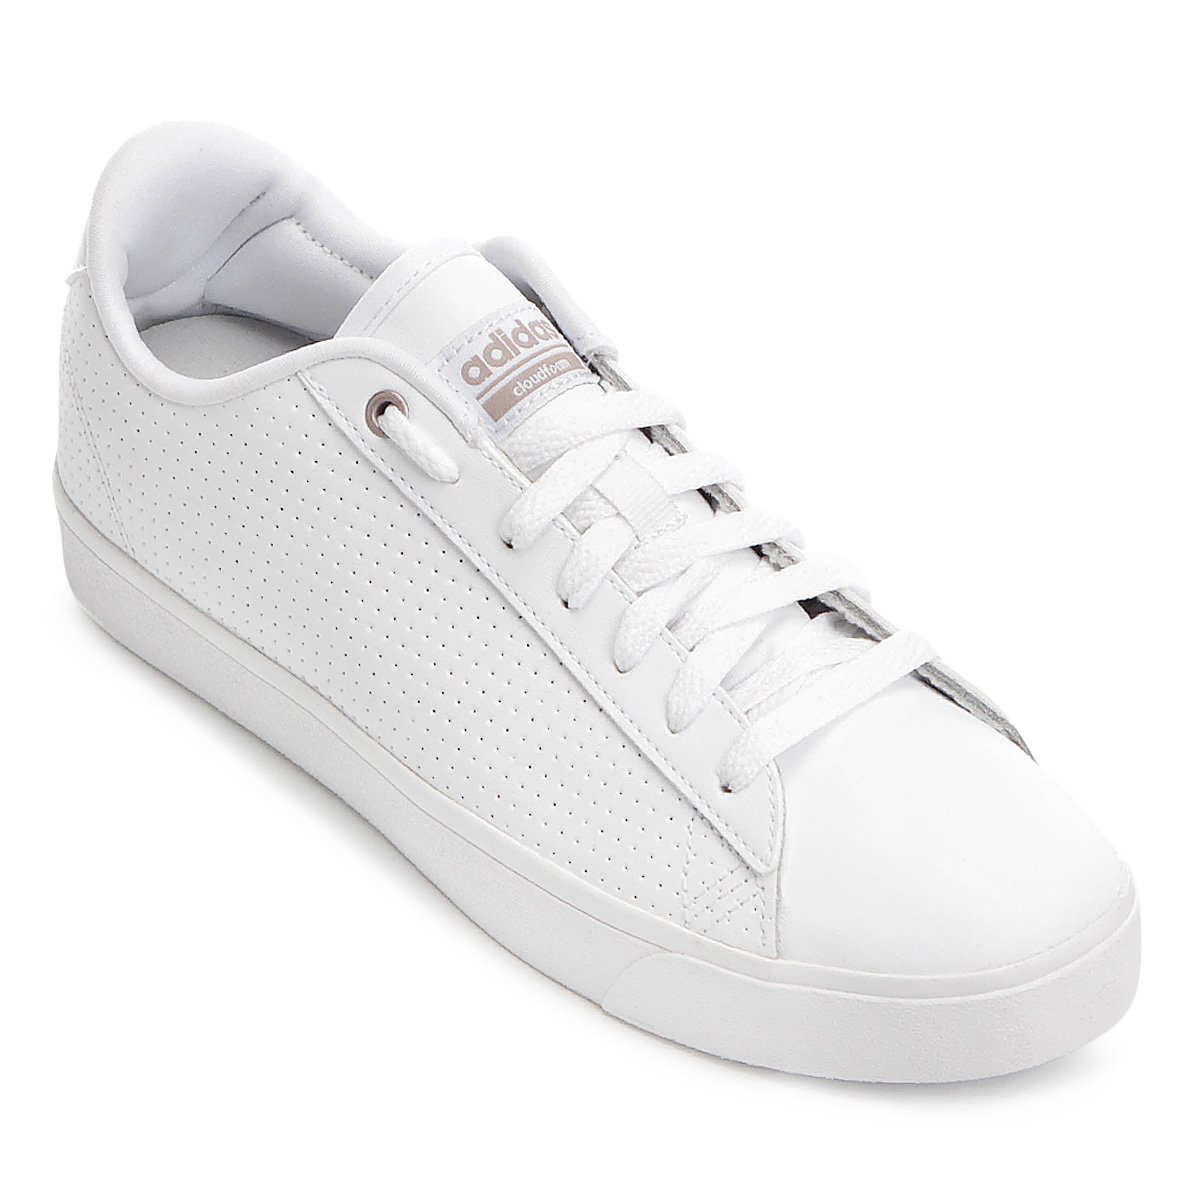 Tênis Adidas Cf Daily Qt Clean W Feminino - Compre Agora  c36c6eeb72ecc